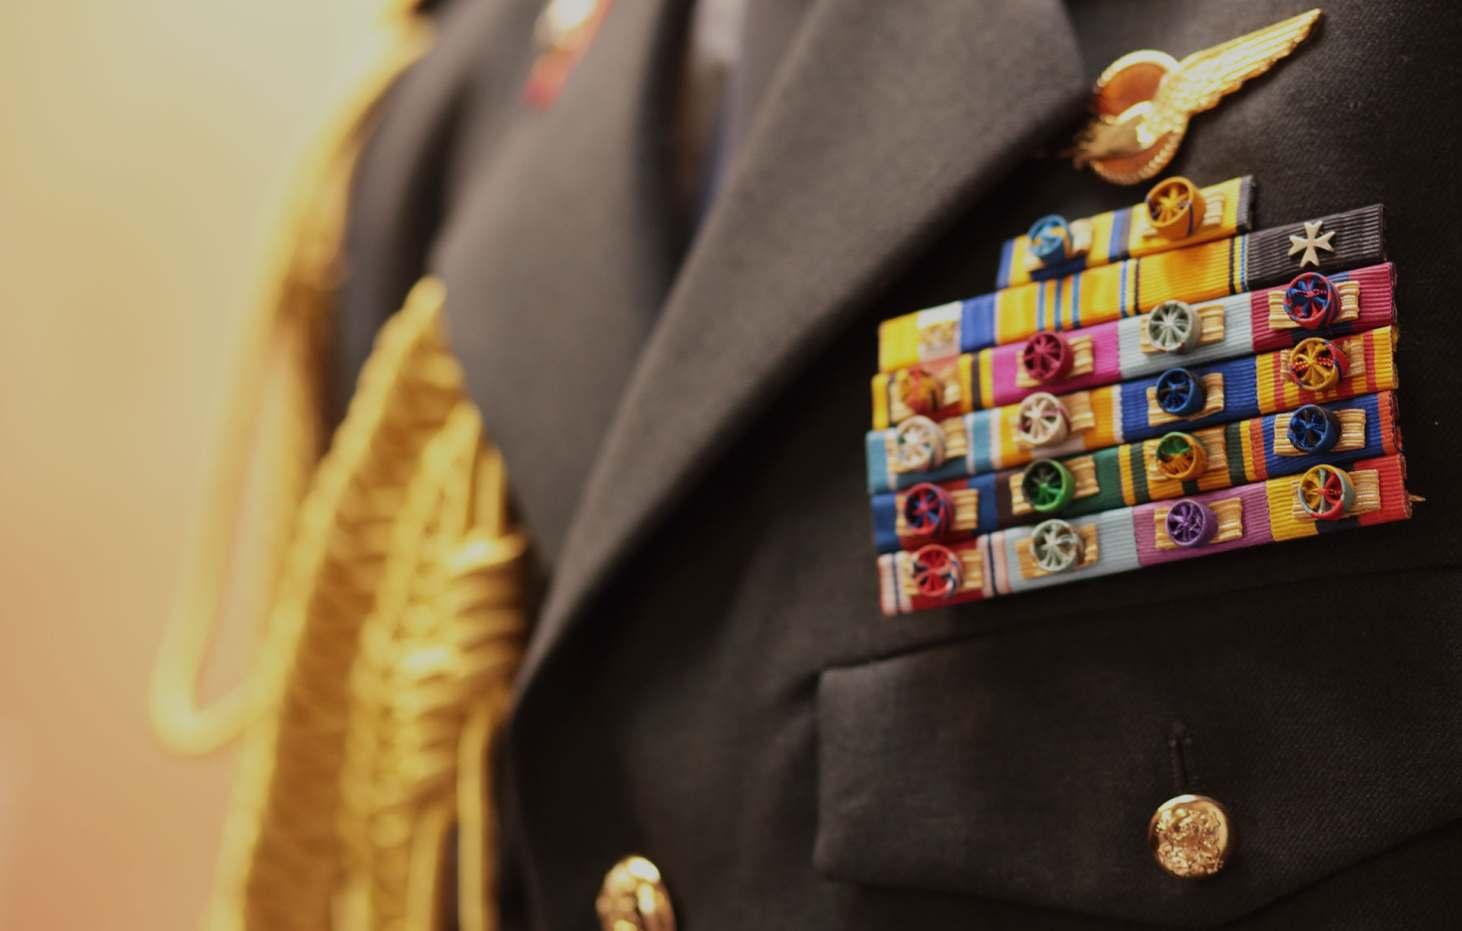 koekman uniformverhuur.com